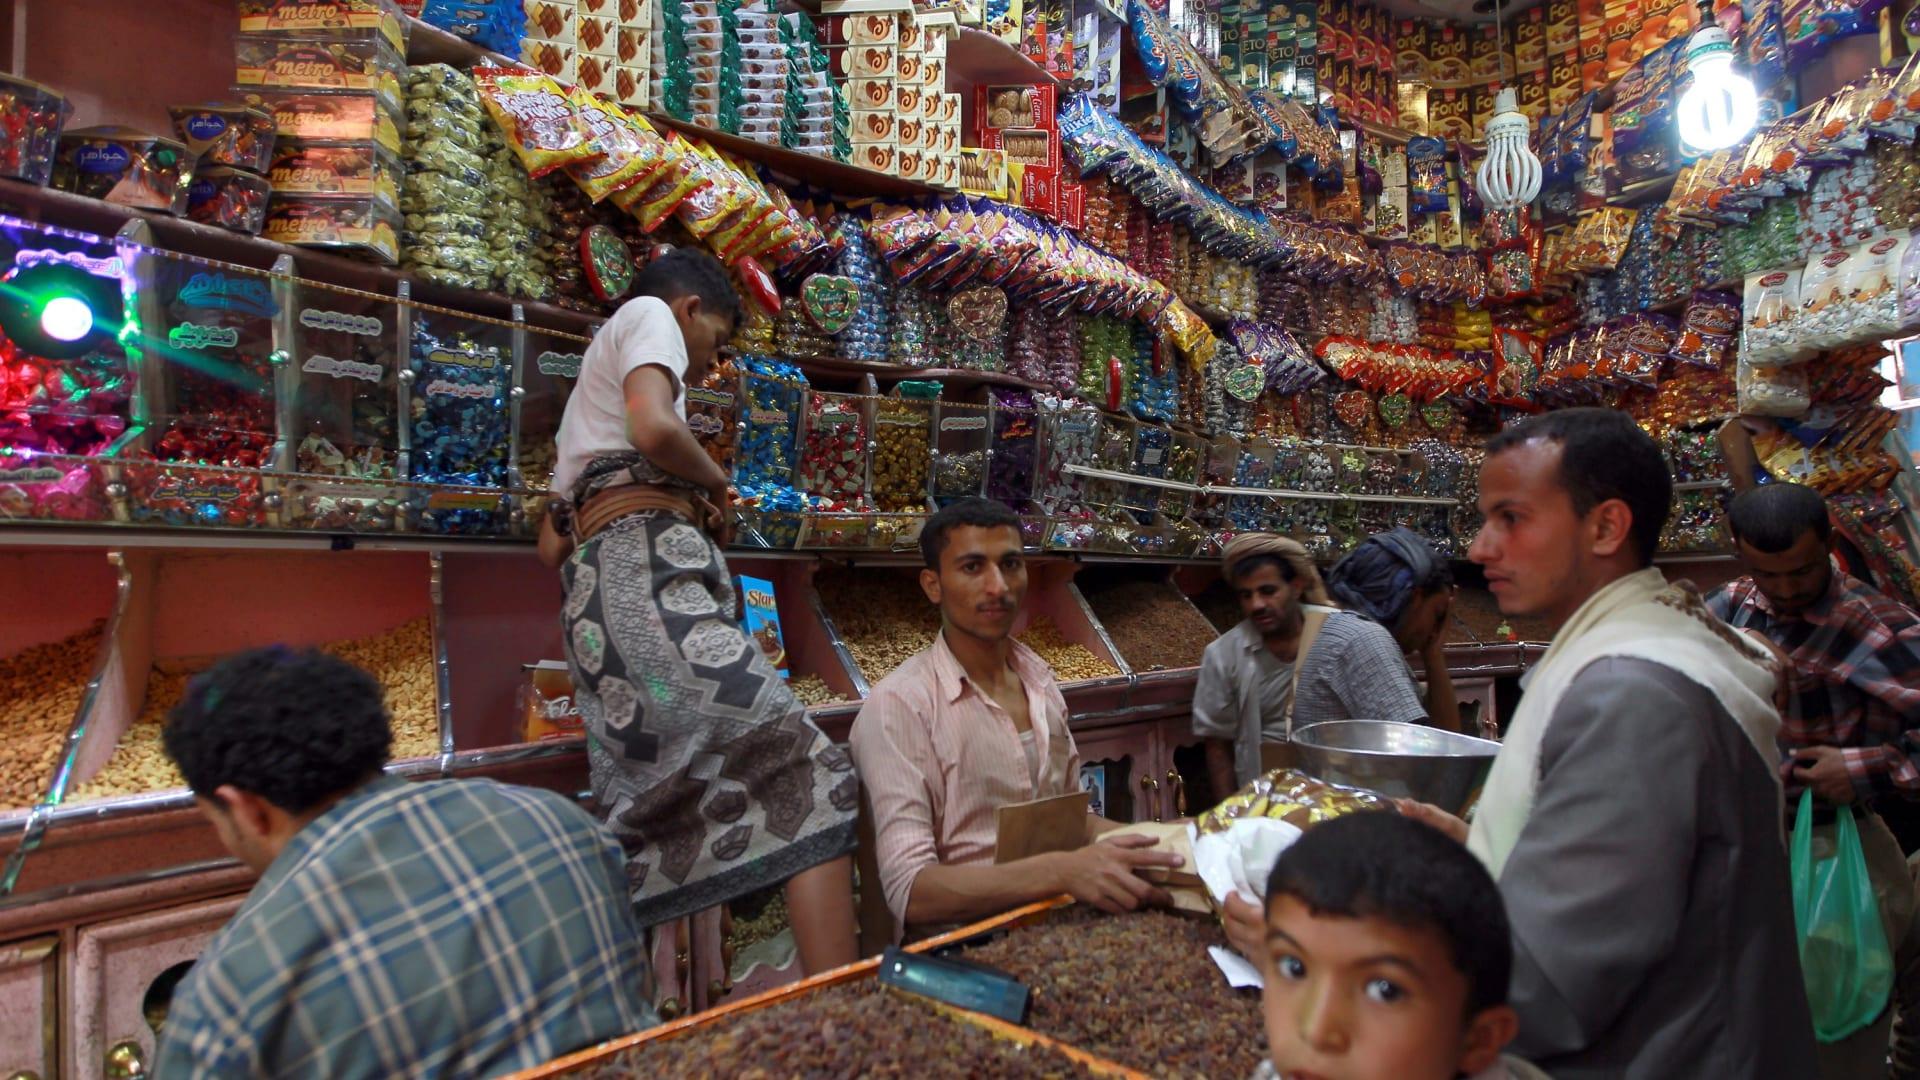 بائع في العاصمة اليمنية صنعاء يبيع الحلويات لبعض زبائنه بمناسبة العيد